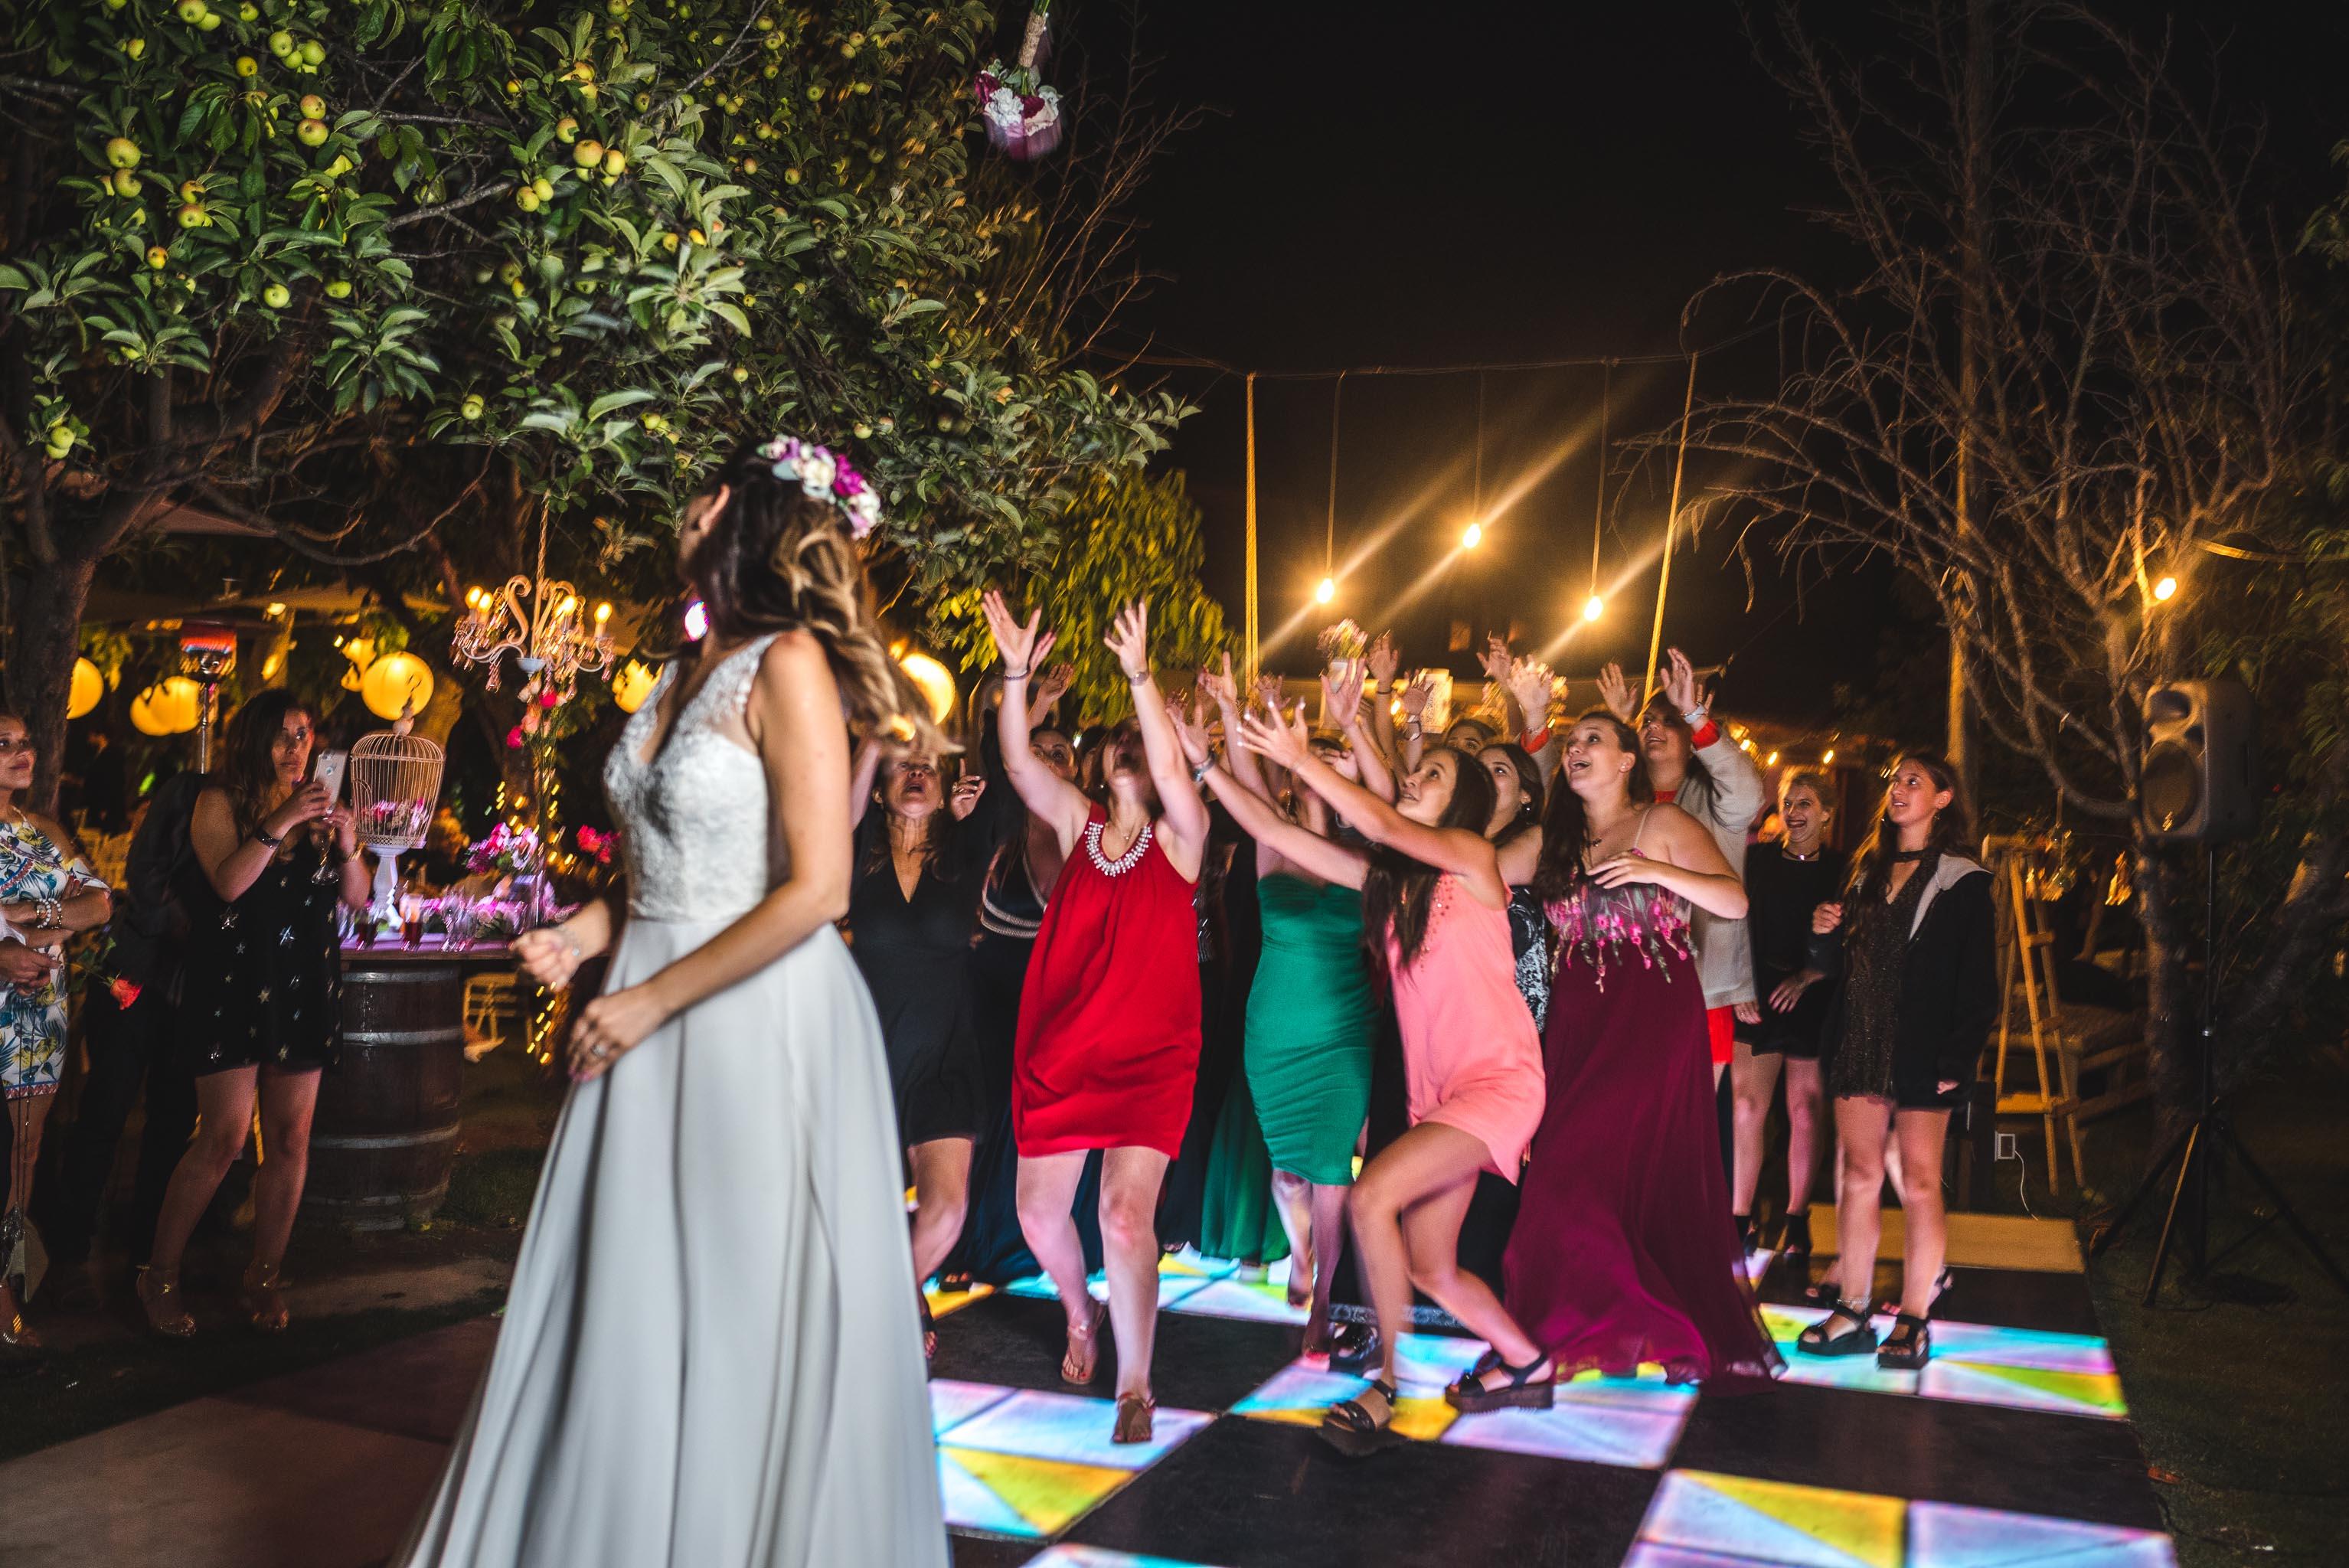 fotografo documental de matrimonios-fotografo matrimonio santiago-fiesta-lanzamiento ramo